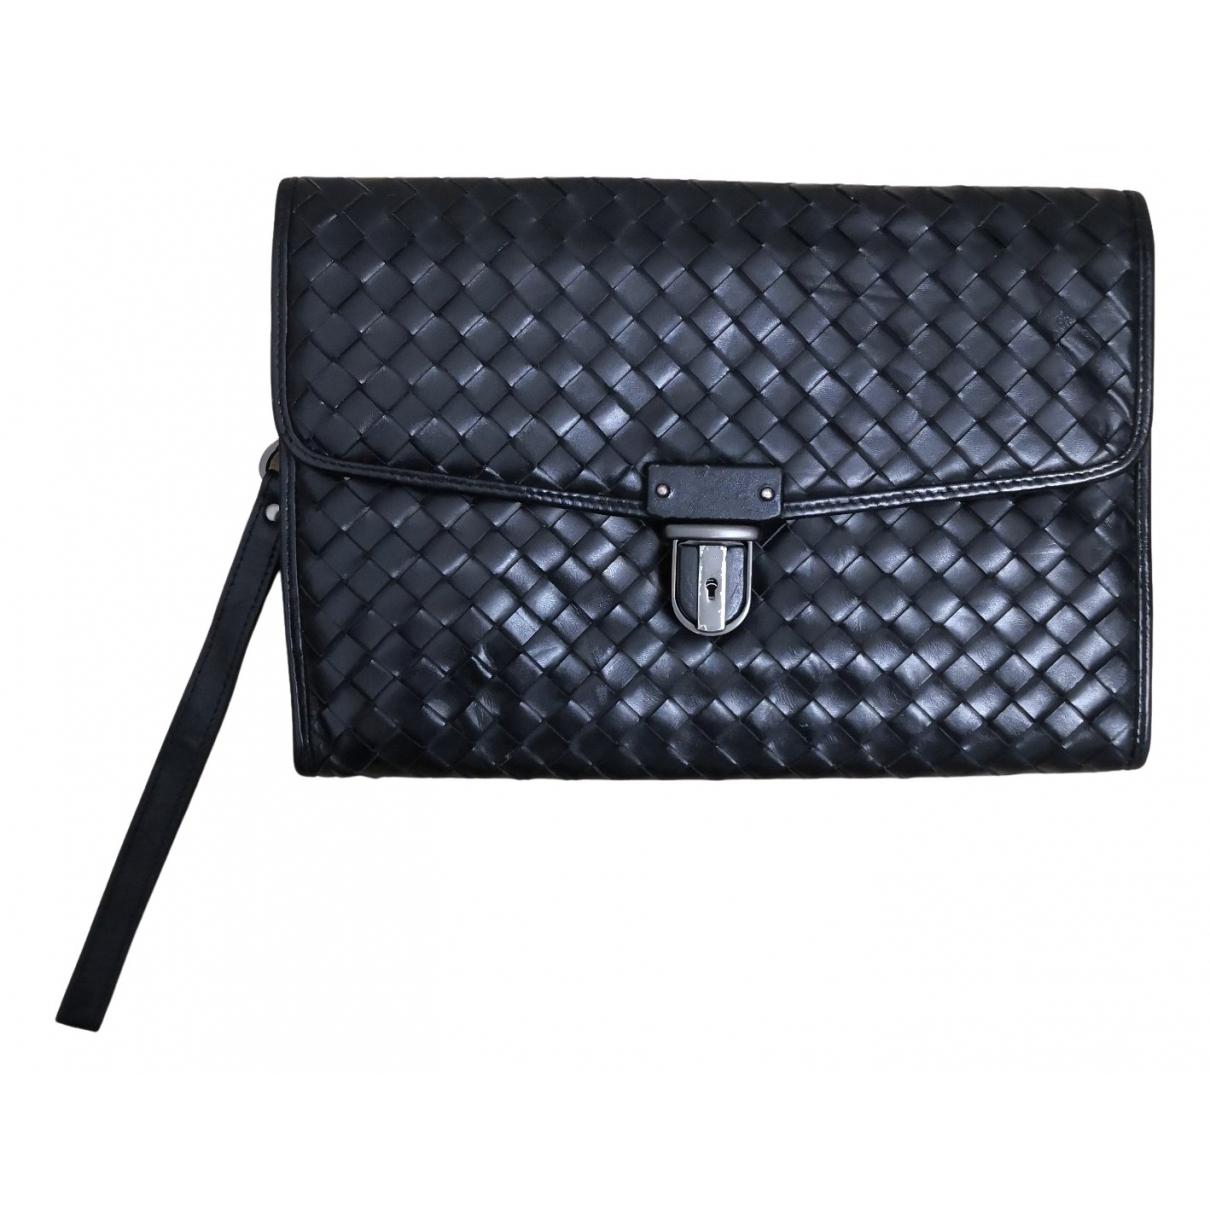 Bottega Veneta N Black Leather Clutch bag for Women N